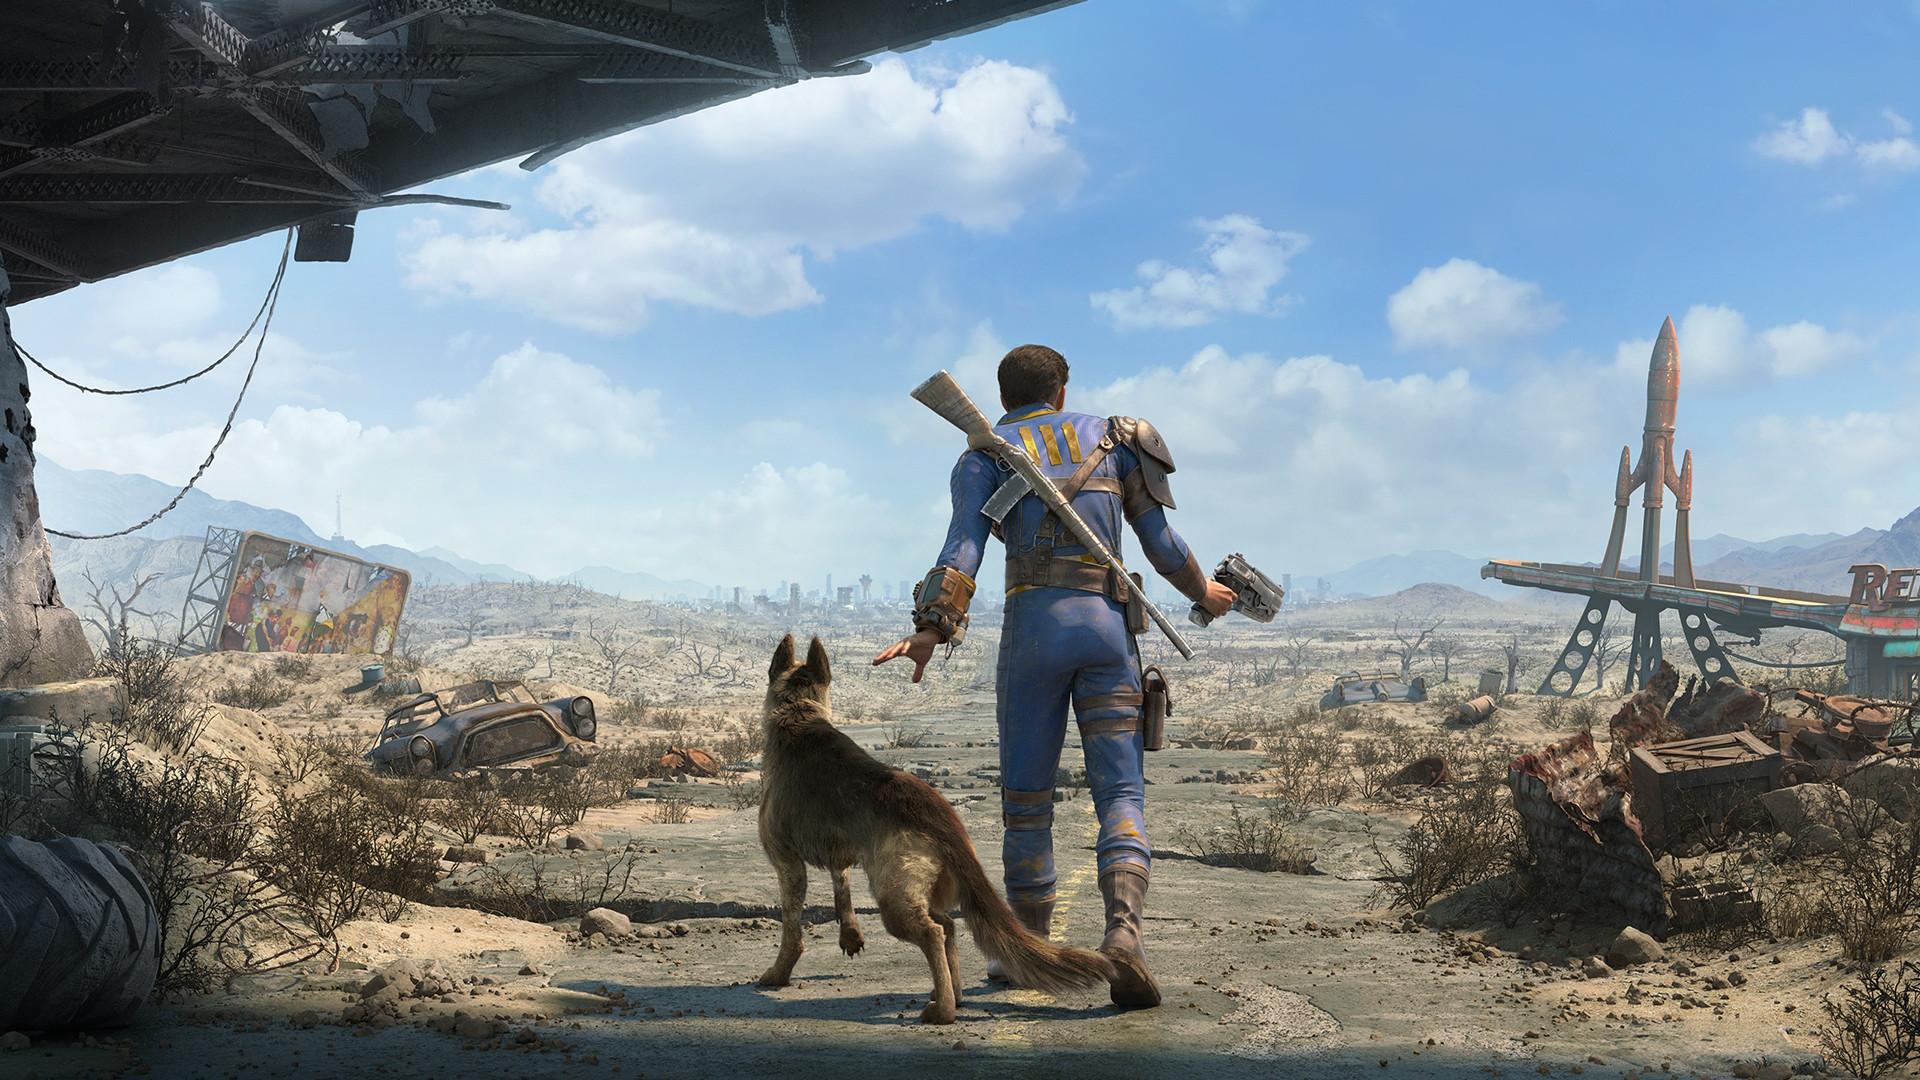 Fallout 4 DLC Wallpaper DESKTOP BACKGROUNDS Best Wallpapers HQ 1920x1080